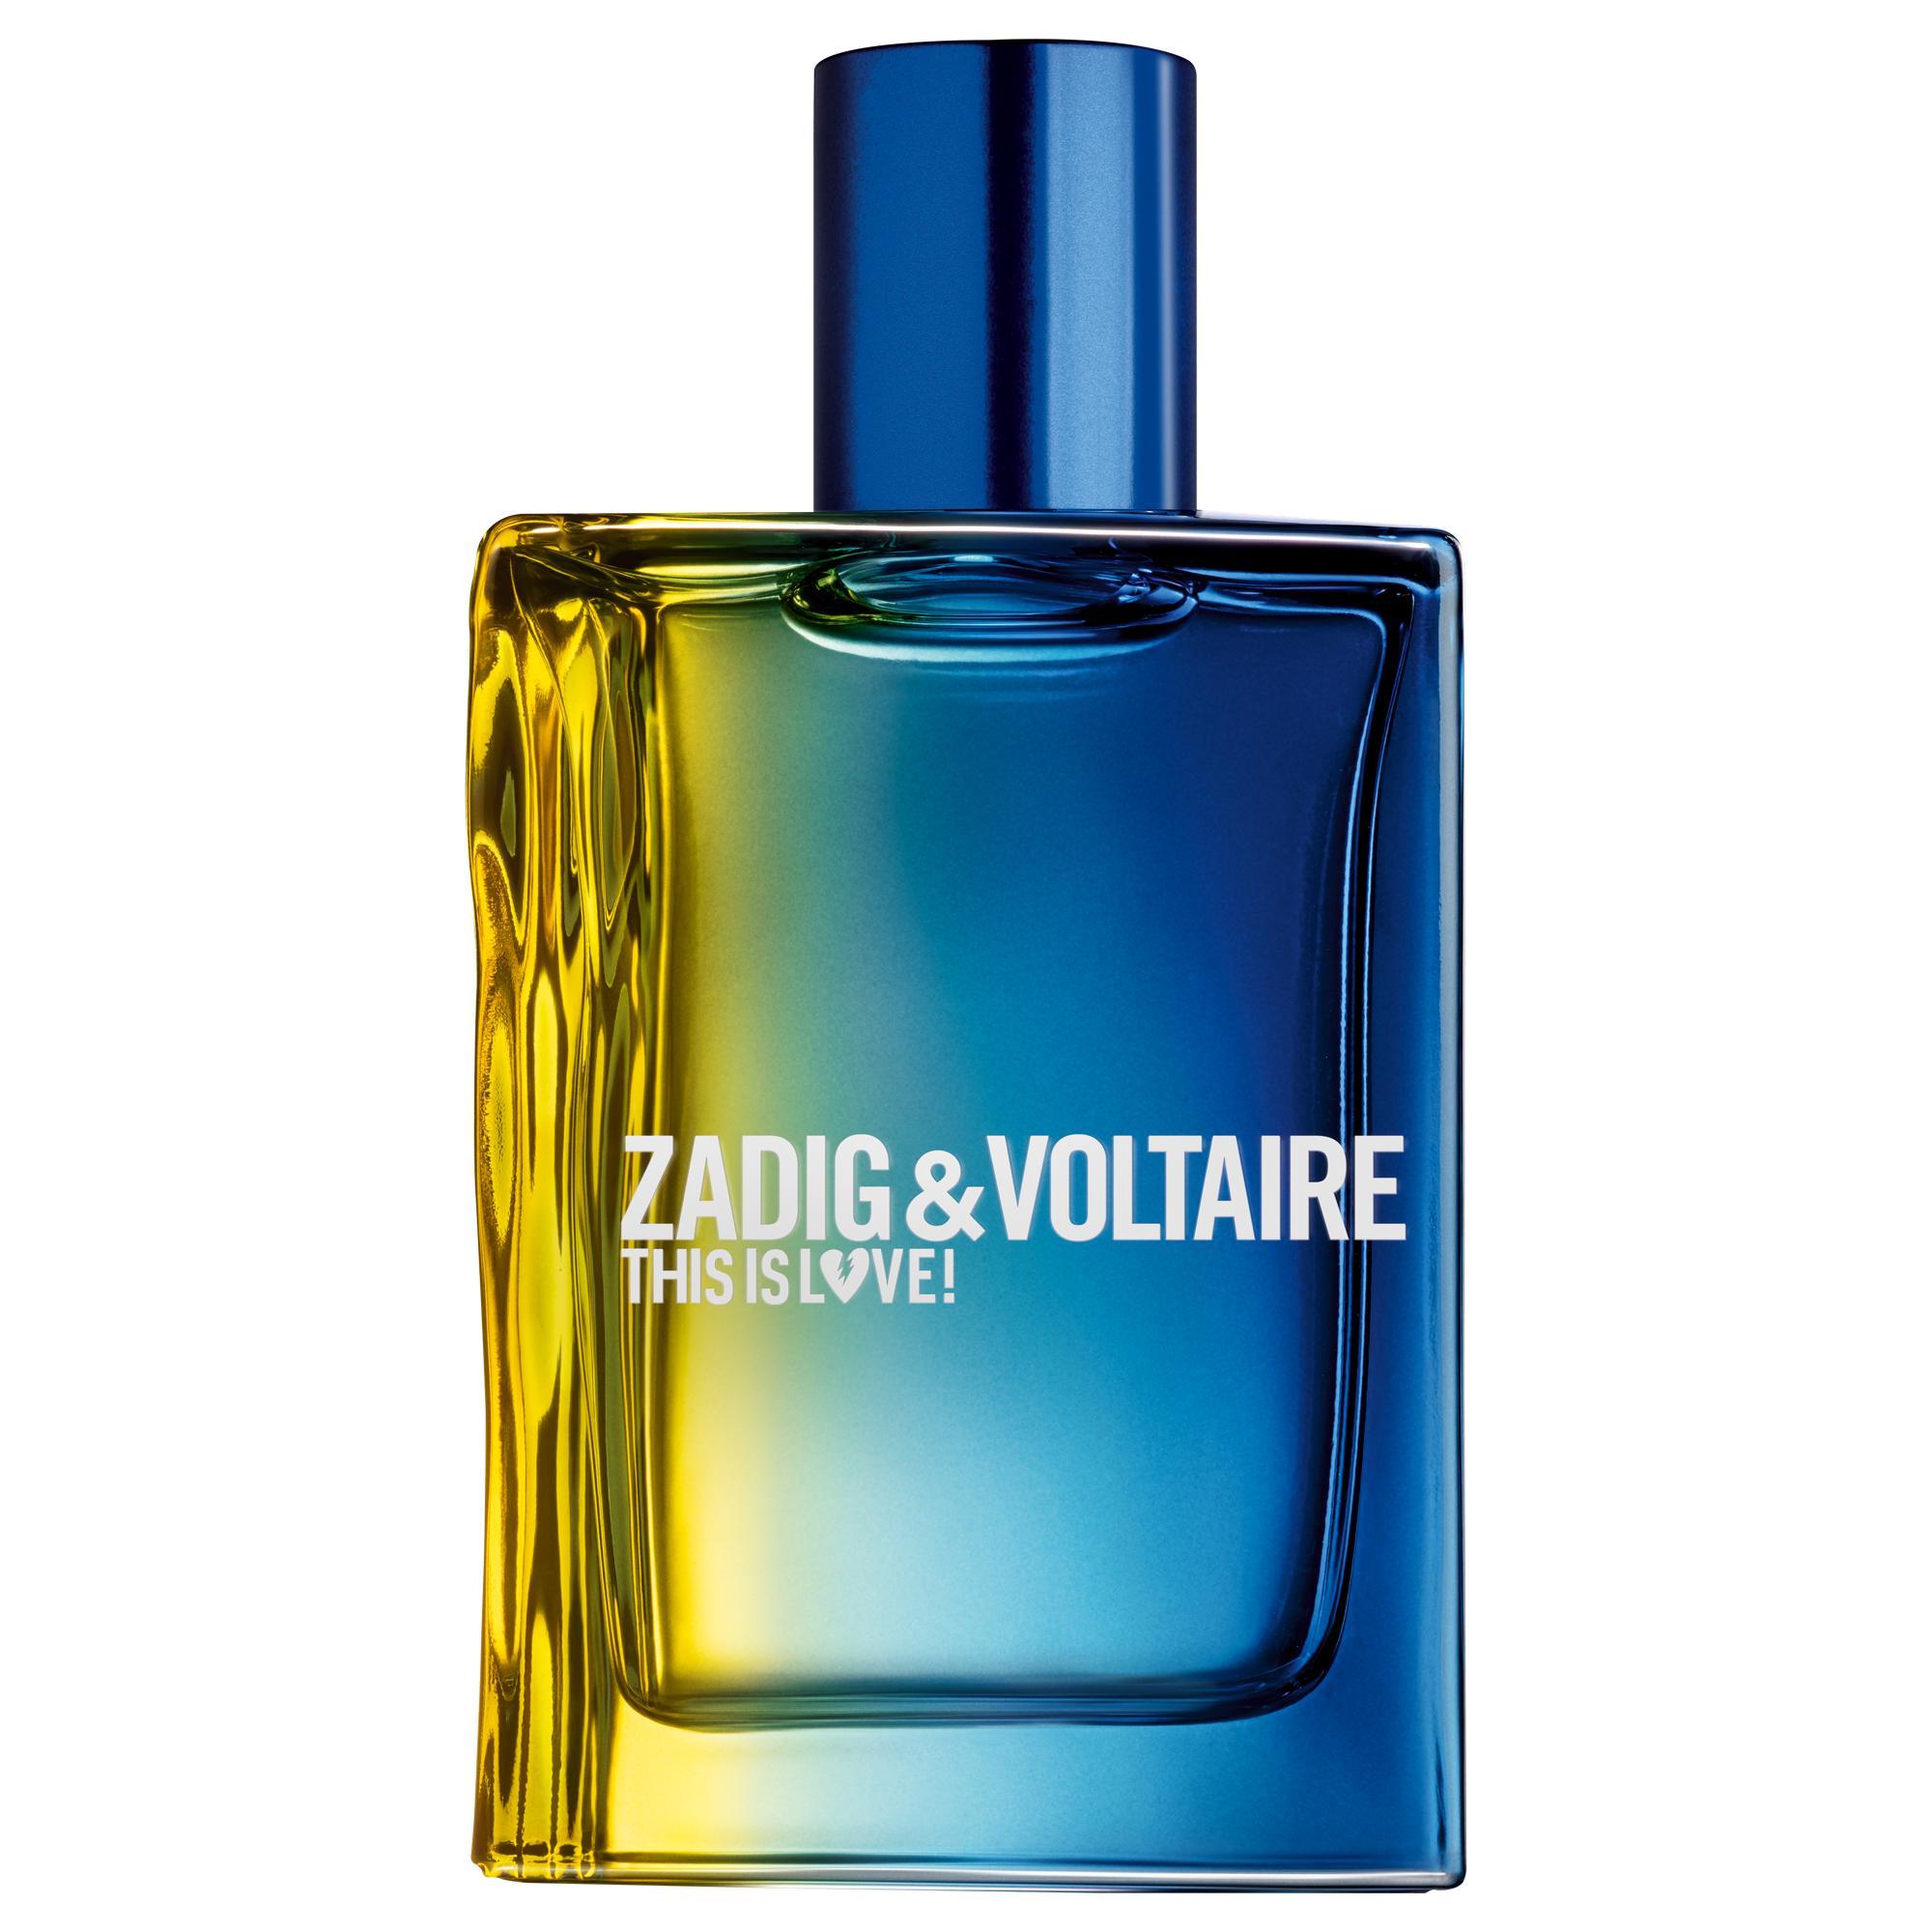 Zadig & Voltaire This Is Love! Pour Lui  Eau de Toilette pra hombre